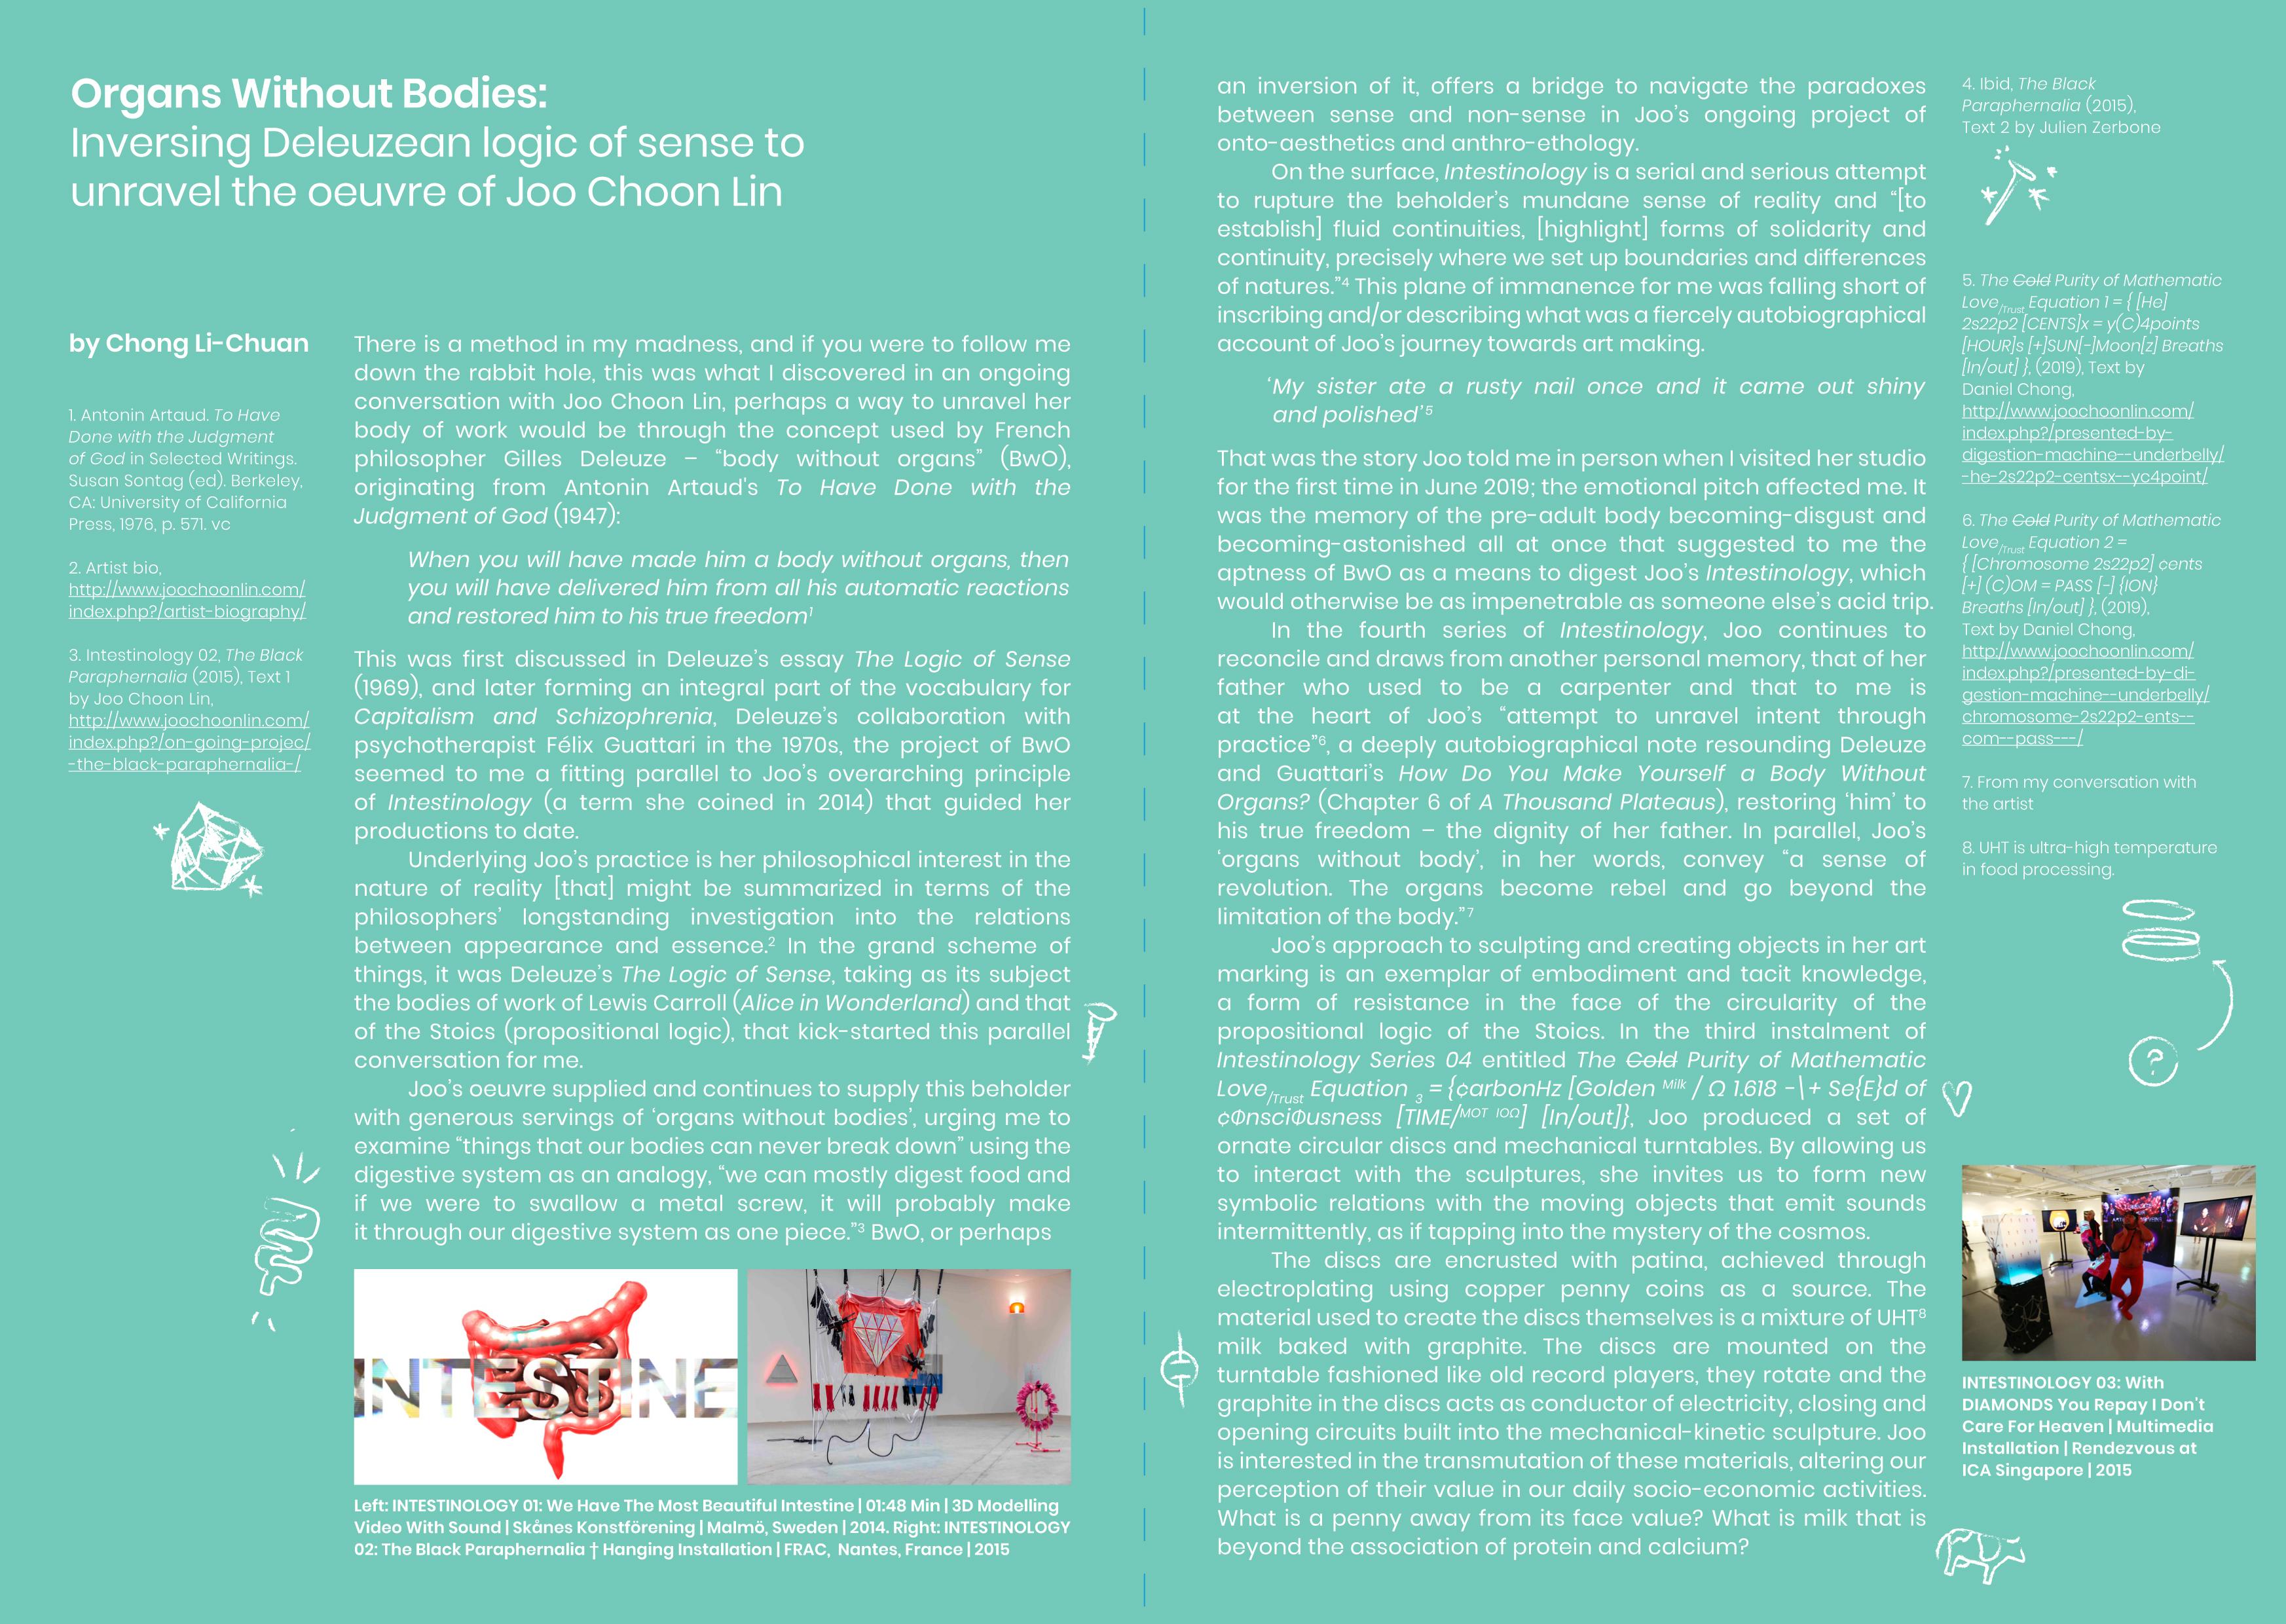 Intestinology_Brochure_07